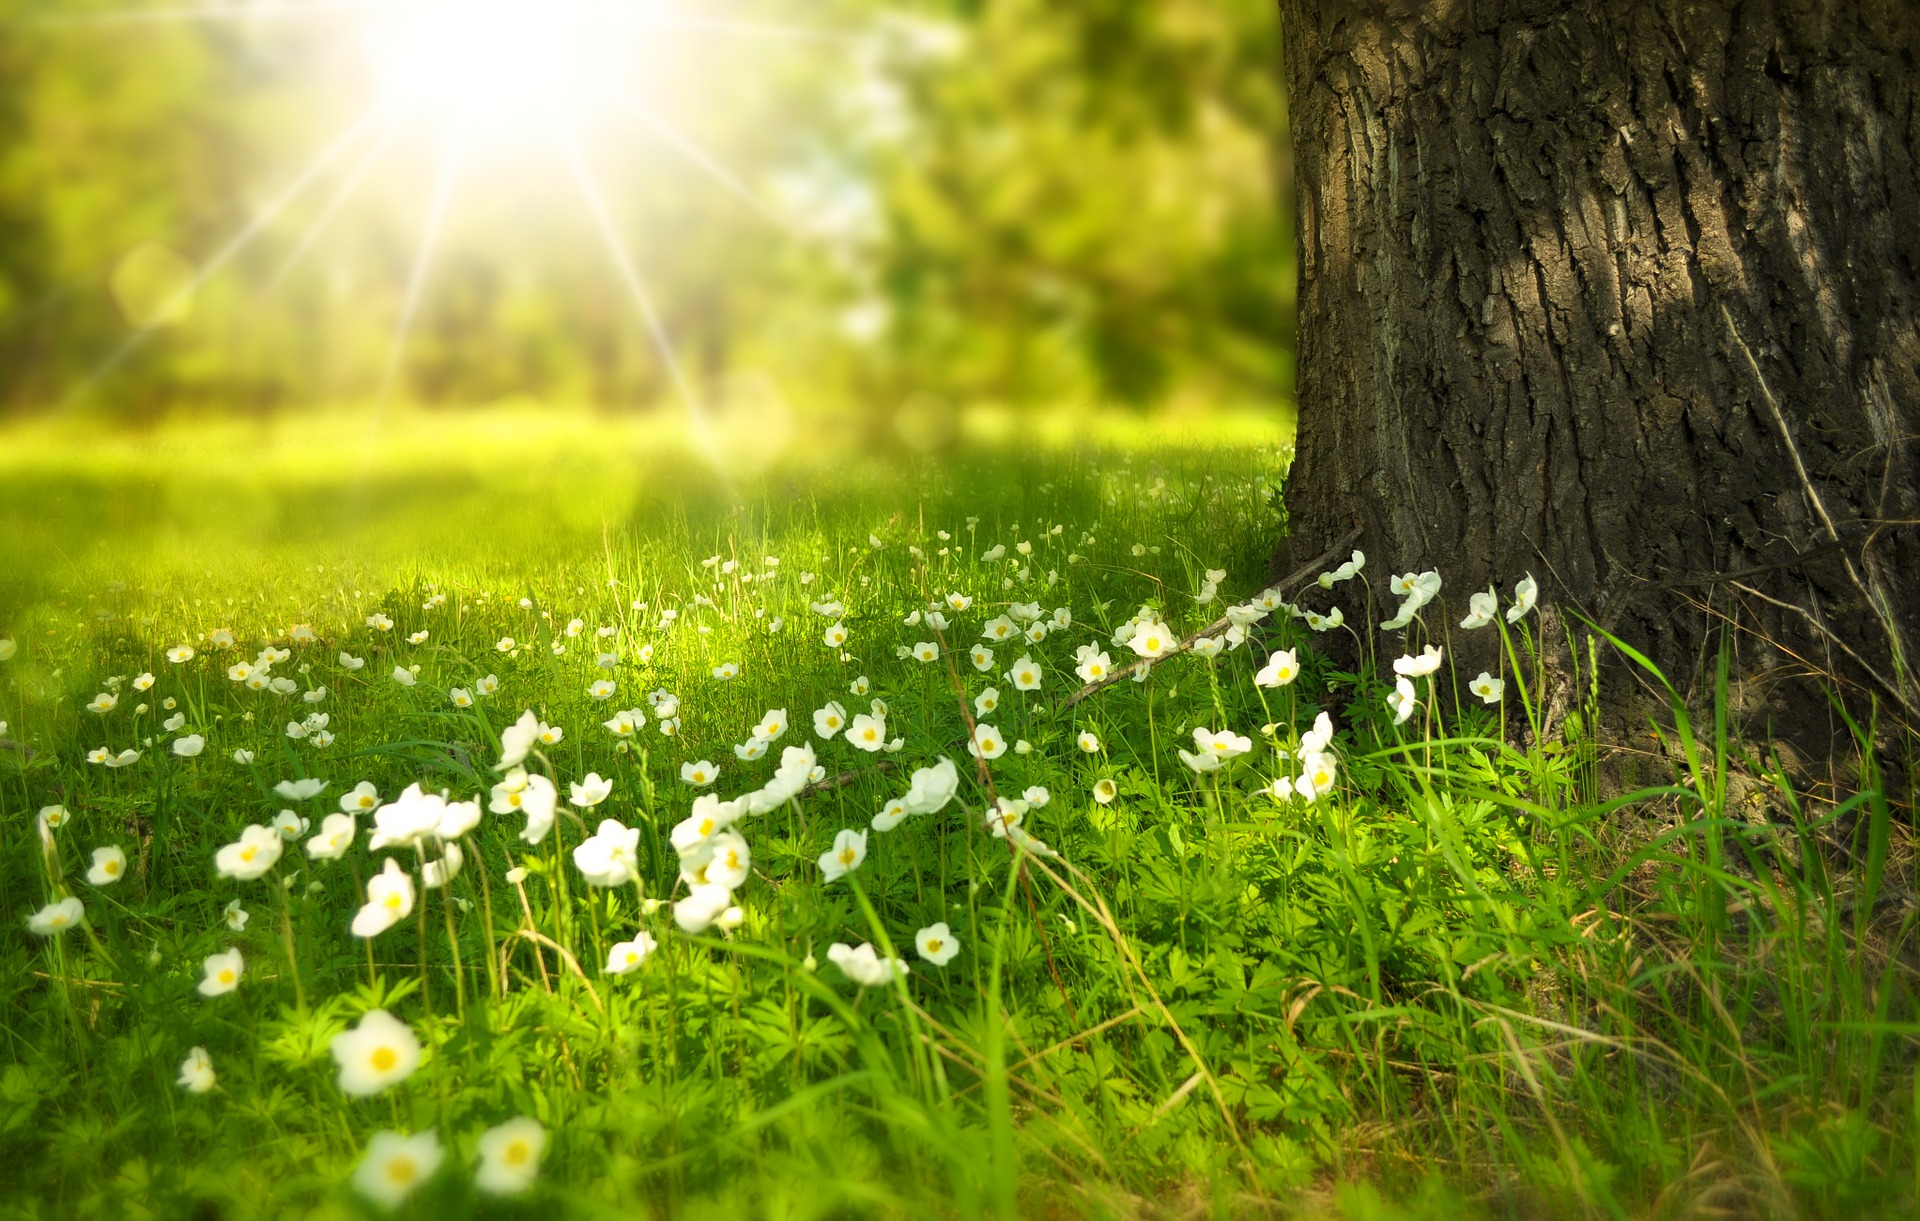 lentebloemen onder de boom in de zon